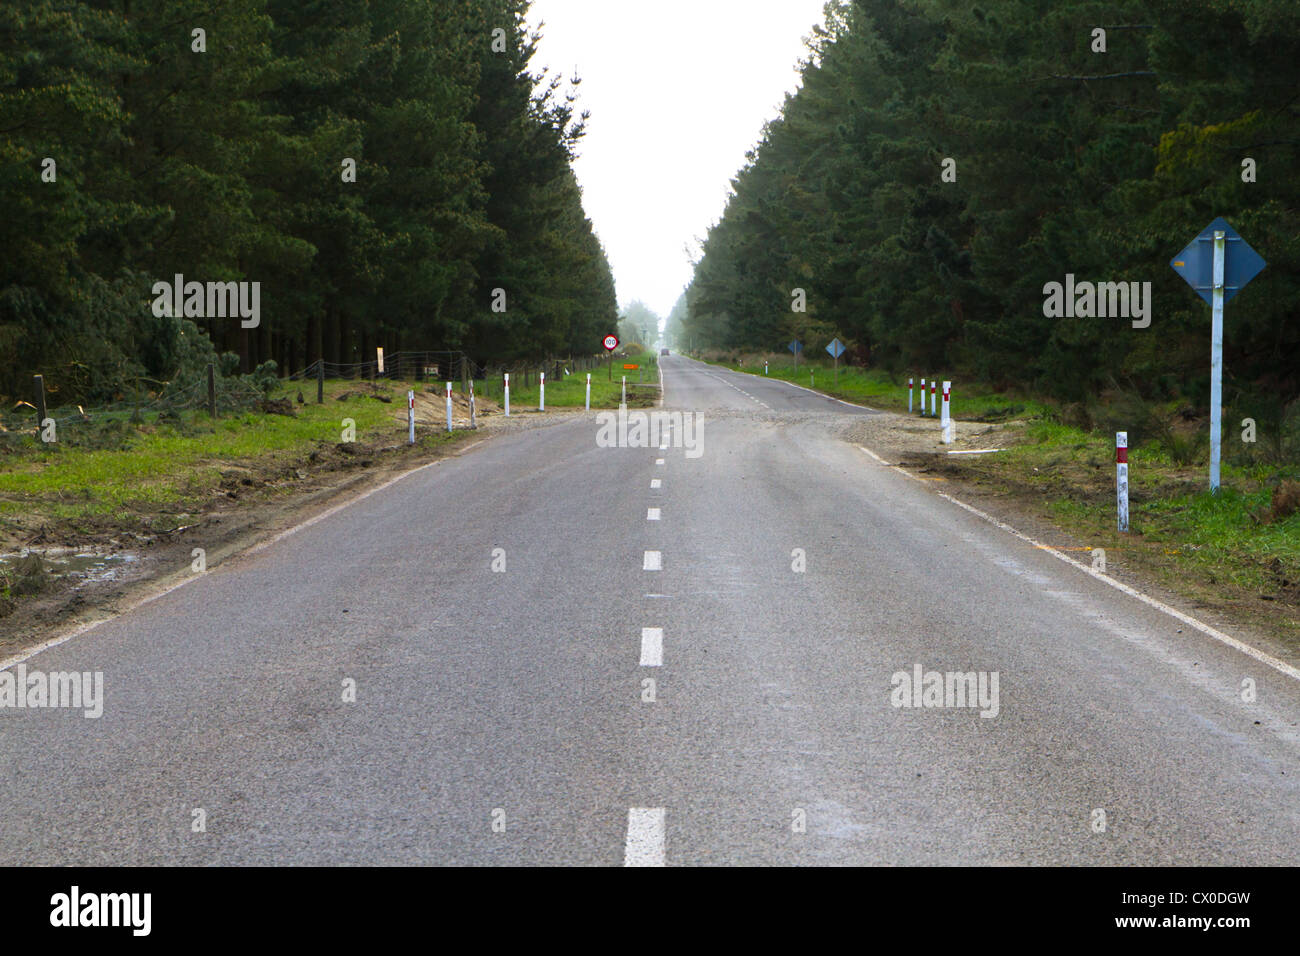 Ligne de faille sismique traverse une route principale: le déplacement latéral est d'environ Photo Stock